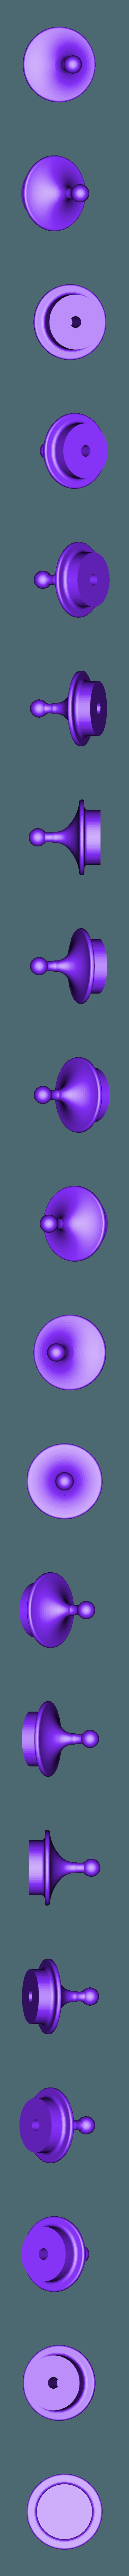 GrolschTopWithHole.stl Download free STL file Grolsch Cafe Lamp Top • 3D printer design, 3DWP